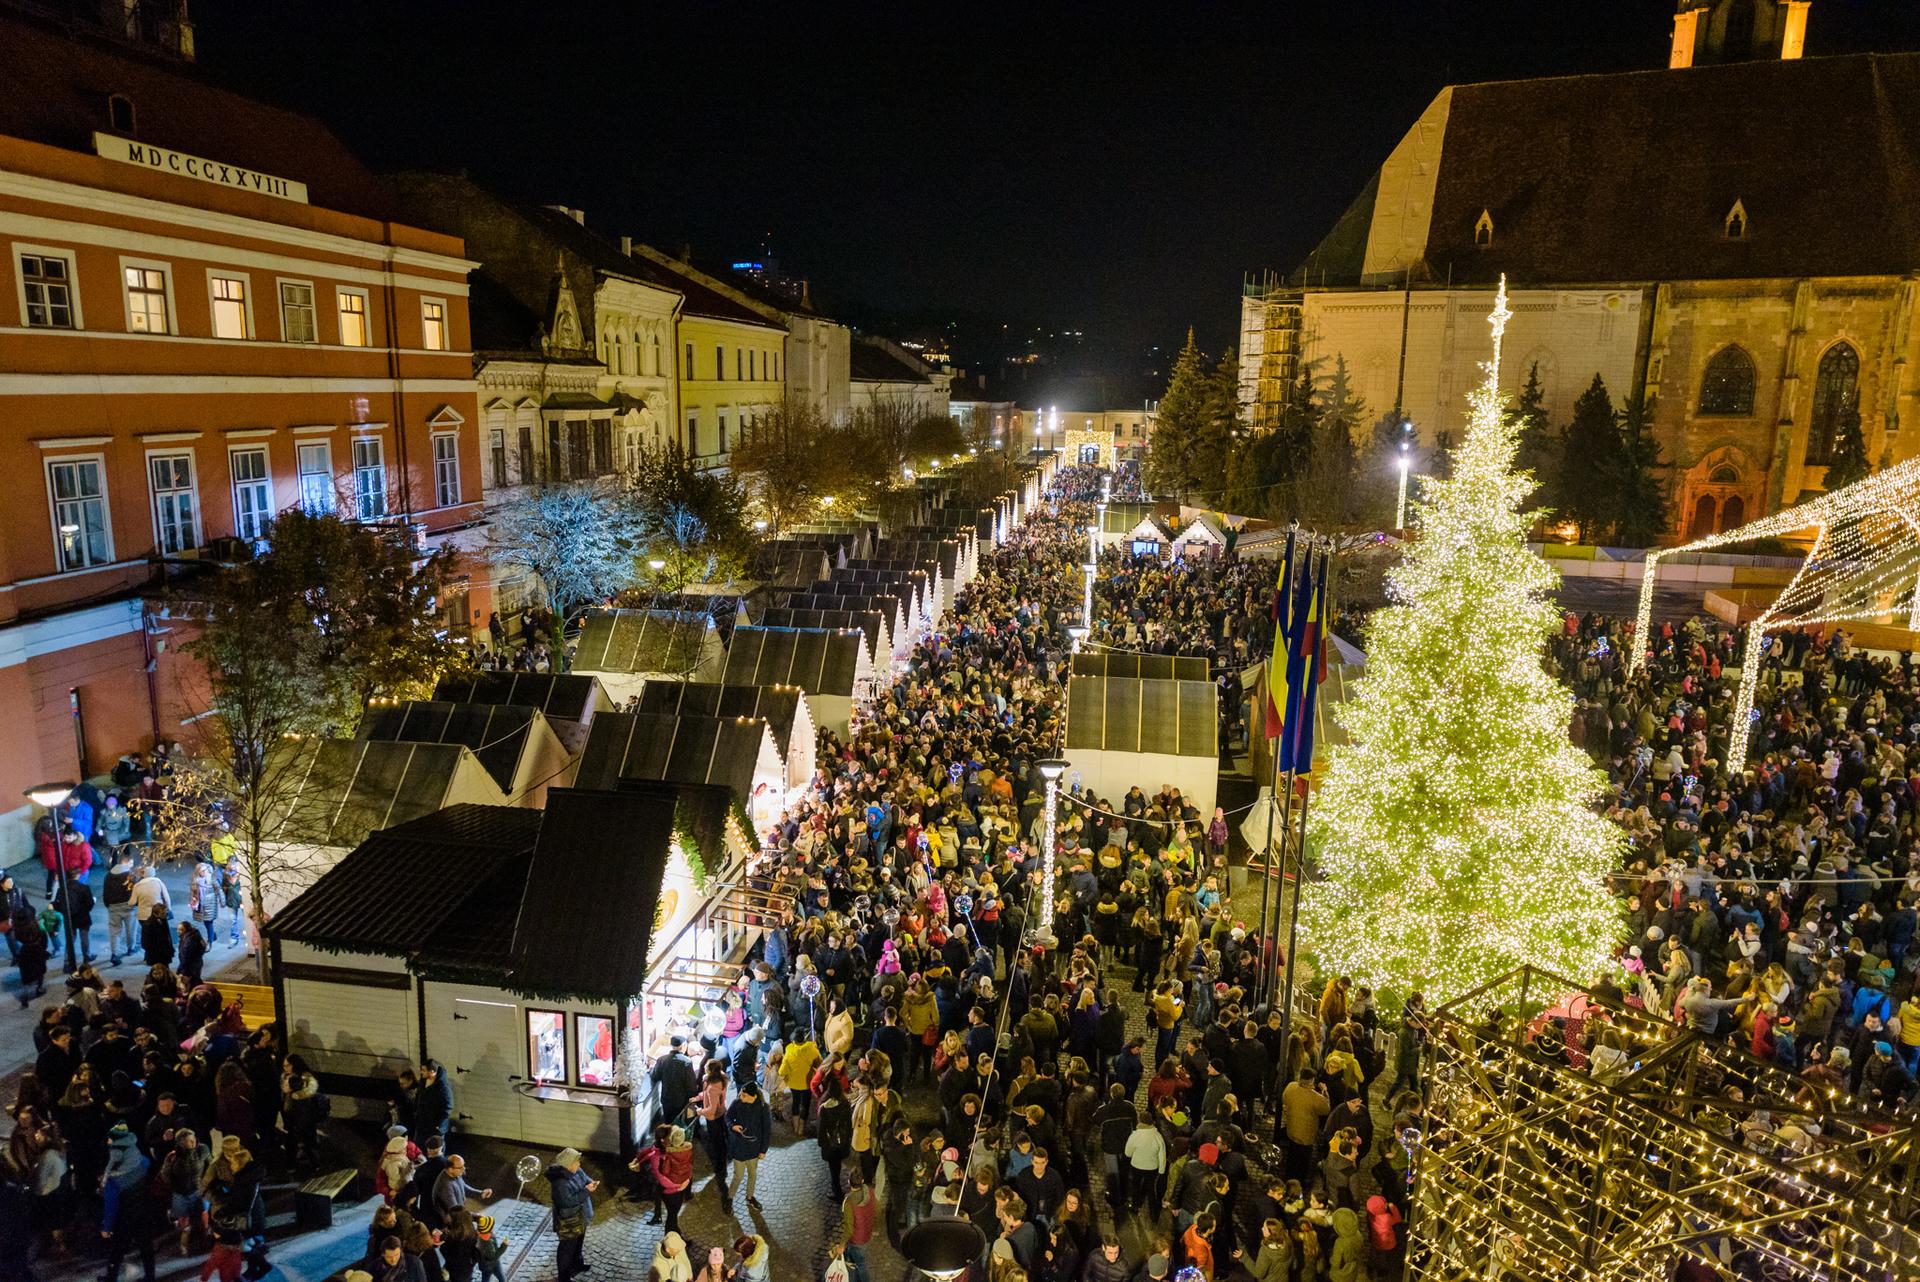 5 căsuțe de la Târgul de Crăciun, 5 povești – cum a fost ultima lună în piață